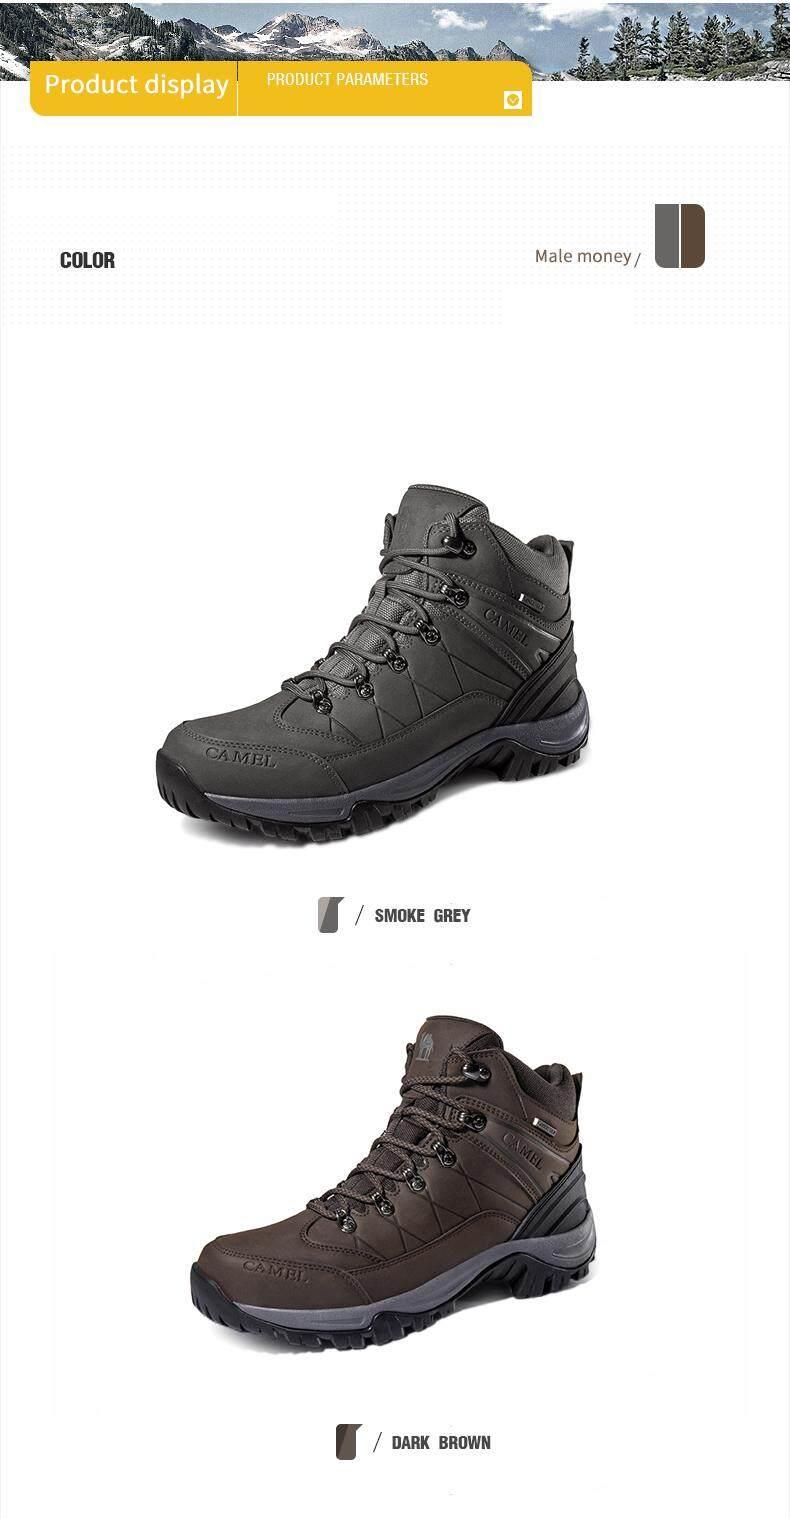 Spesifikasi dari Unta Pria Tahan Air Hiking Sepatu Mendaki Bot Suede Termal  Musim Dingin Outdoor Mountain Sneakers Tinggi Sepatu Olahraga 26d3624aed